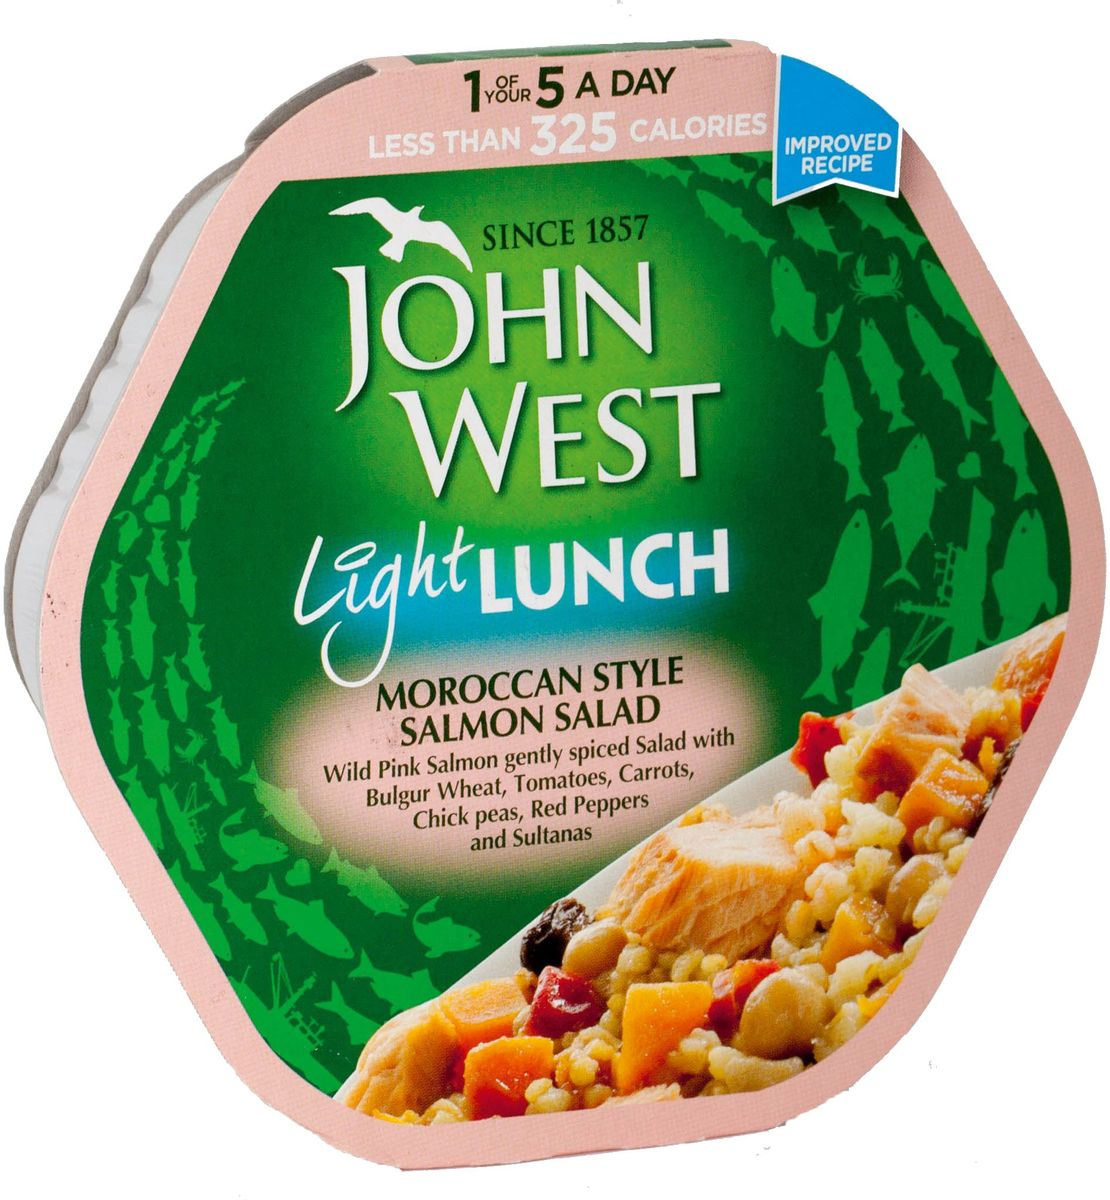 John West легкий обед с лососем марокканский, 220 г0120710Легкий и вкусный обед с пониженным содержанием жиров создан без добавления ароматизаторов, синтетических красителей и консервантов.